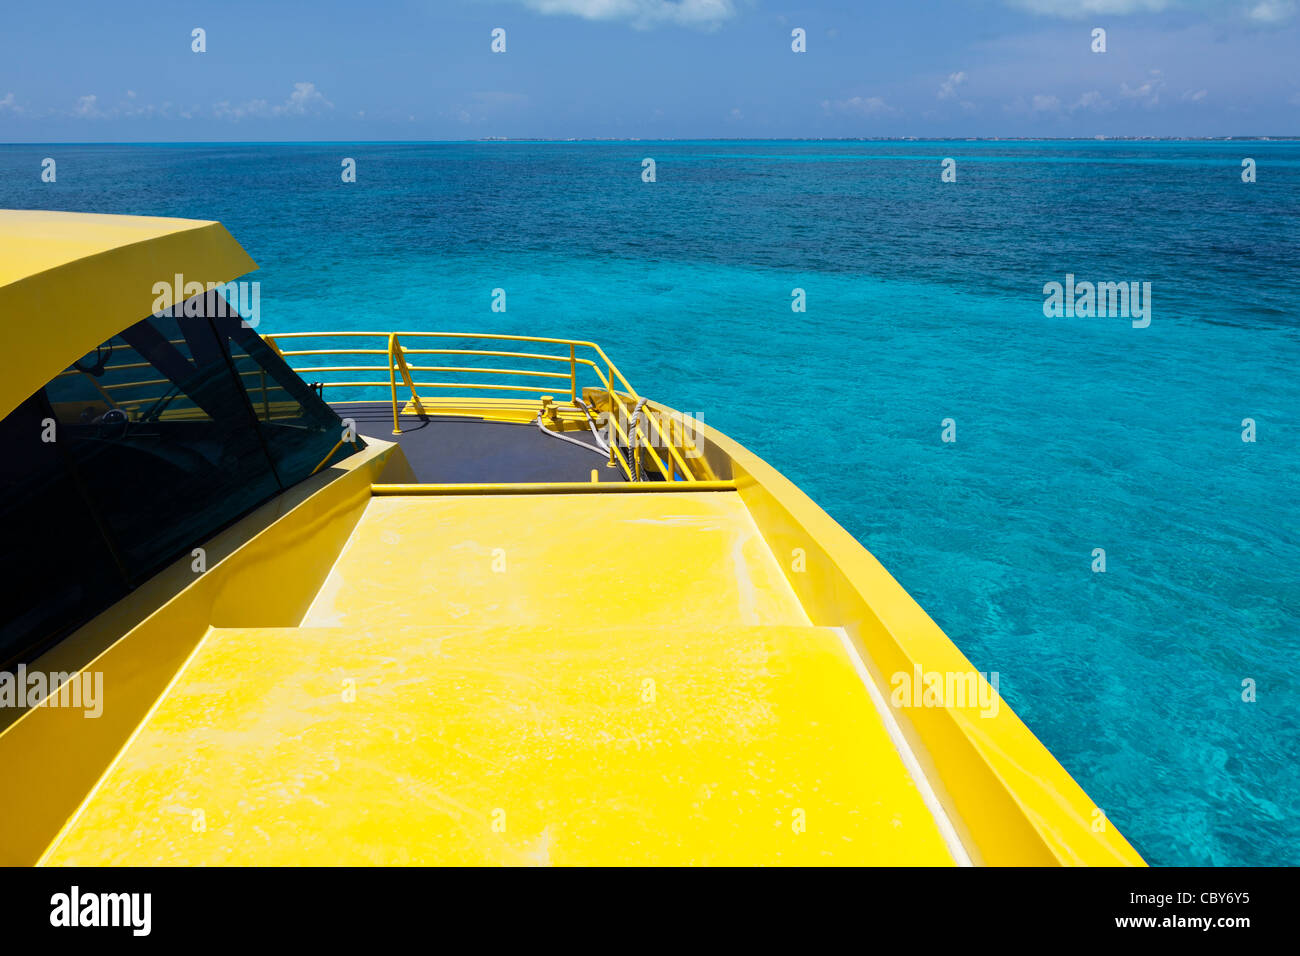 Blick auf das Meer vom Deck eines hellen gelben Bootes Stockbild